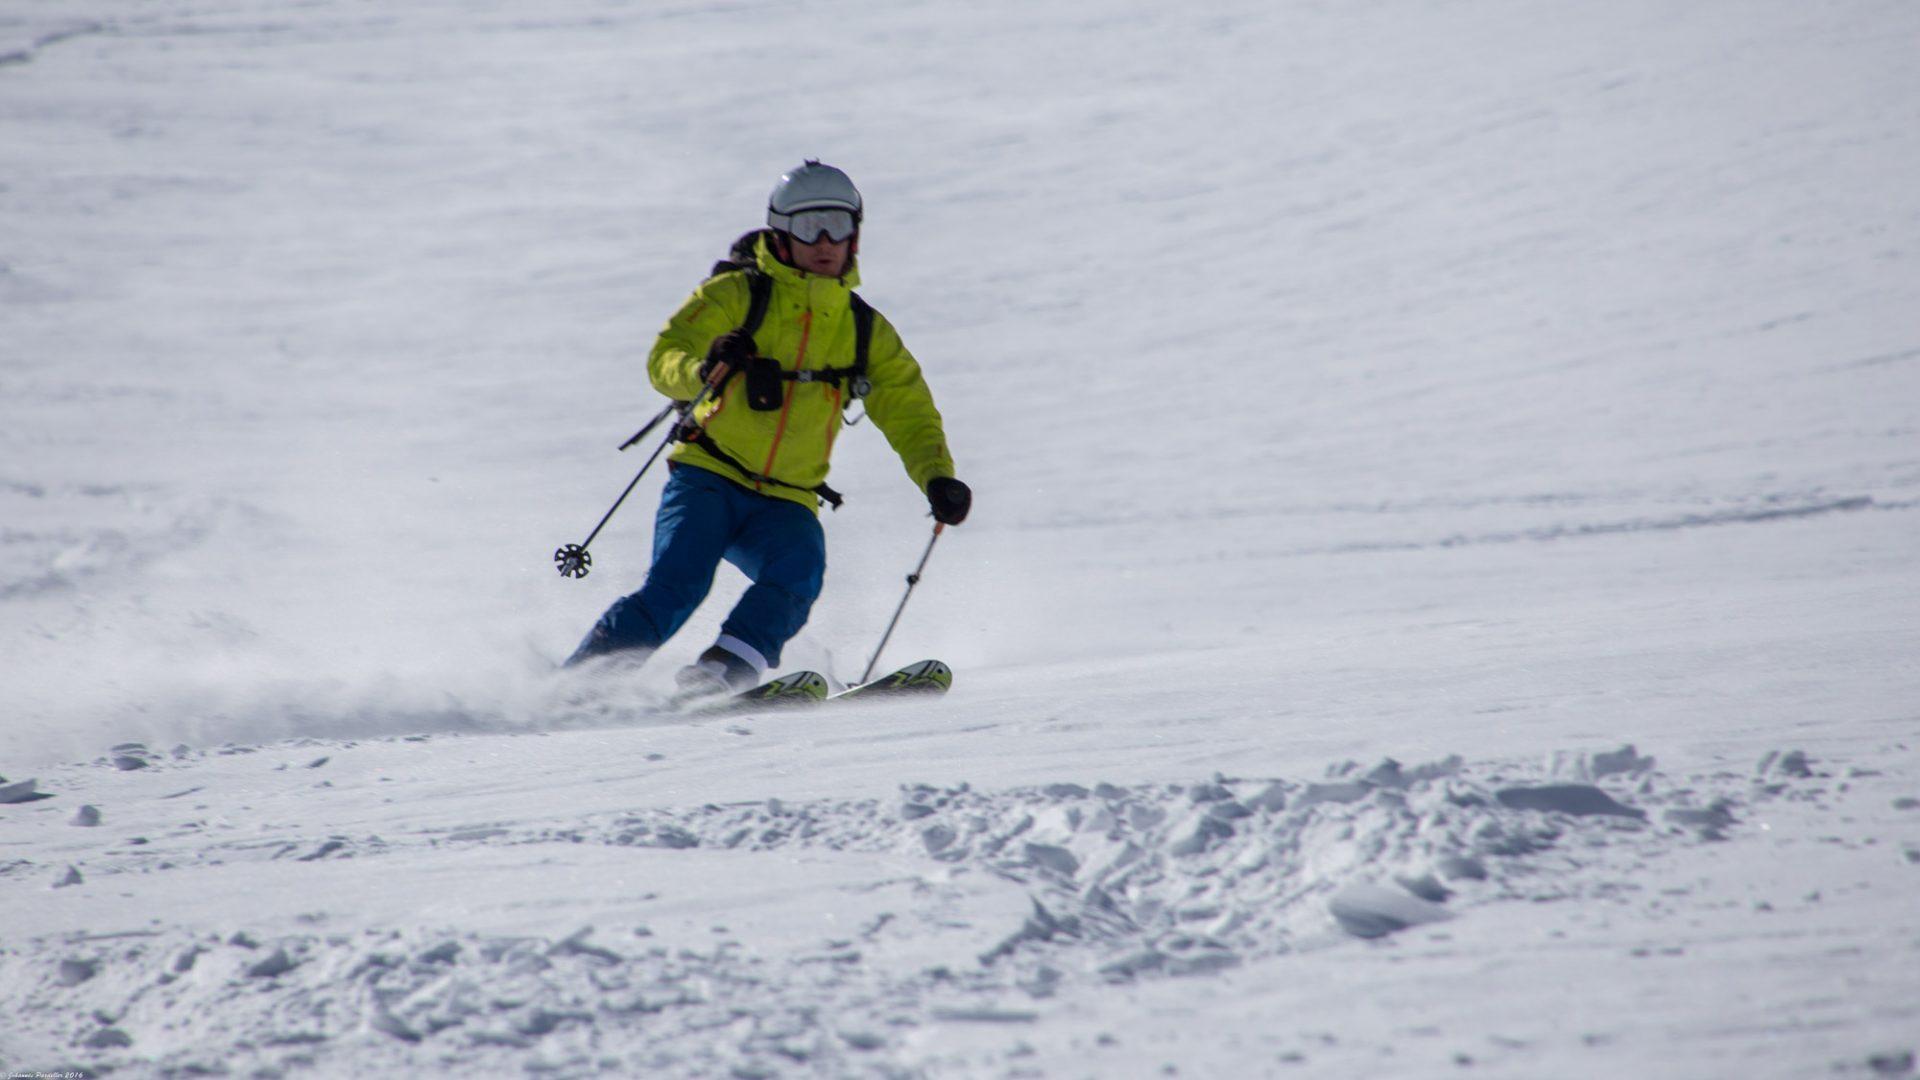 Bergsteigertipp: Skitour-Reparaturwerkzeug für unterwegs